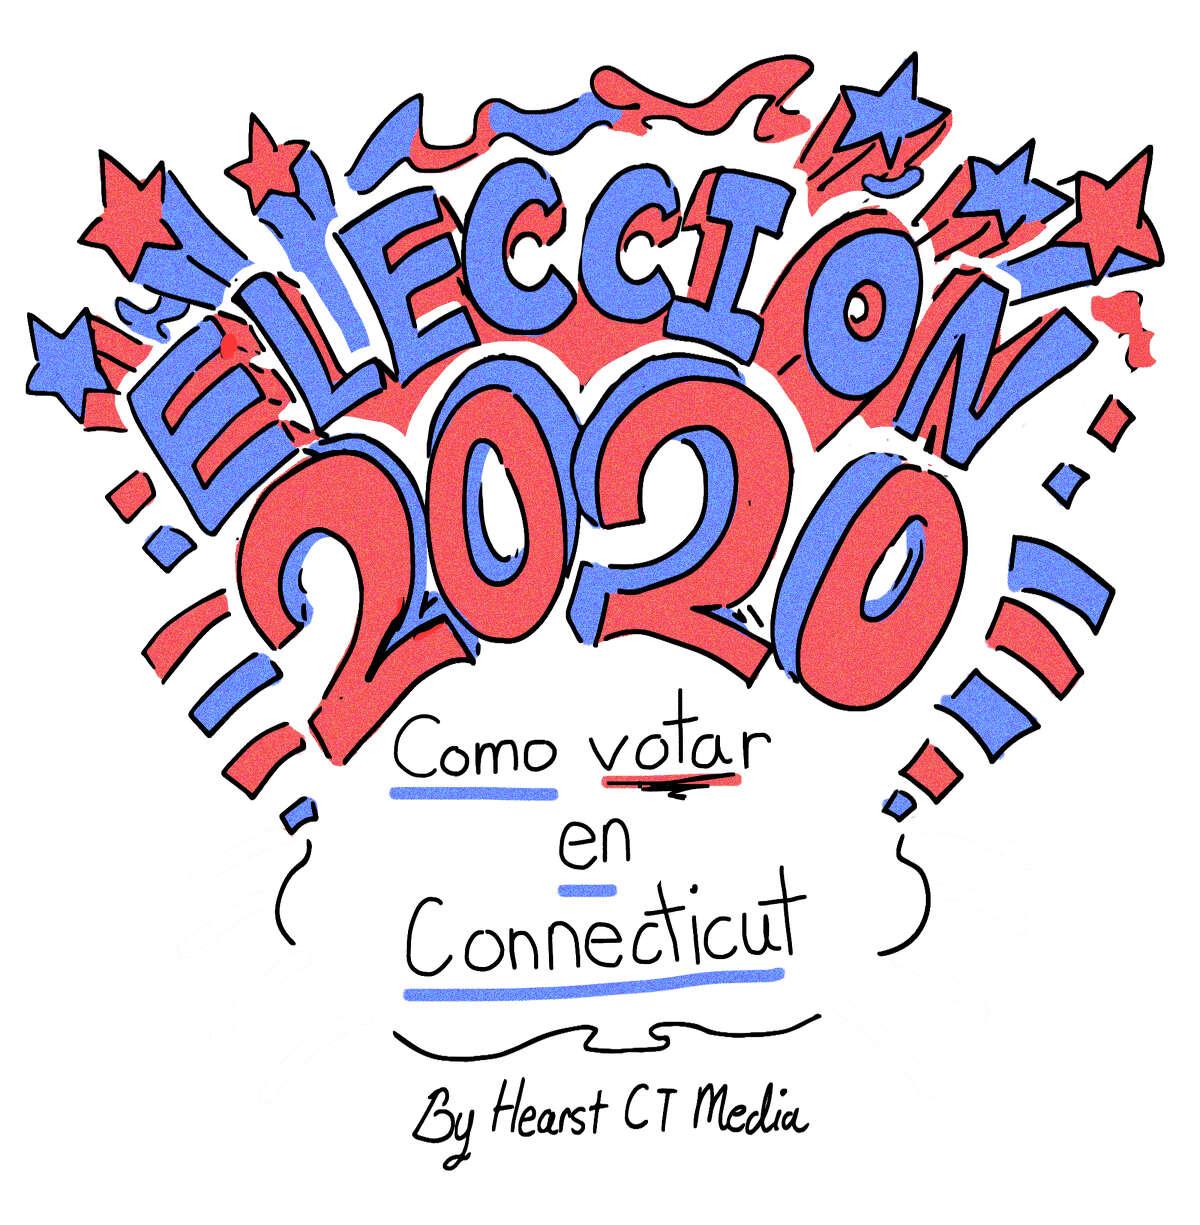 Una guía para votar en Connecticut en el año 2020...